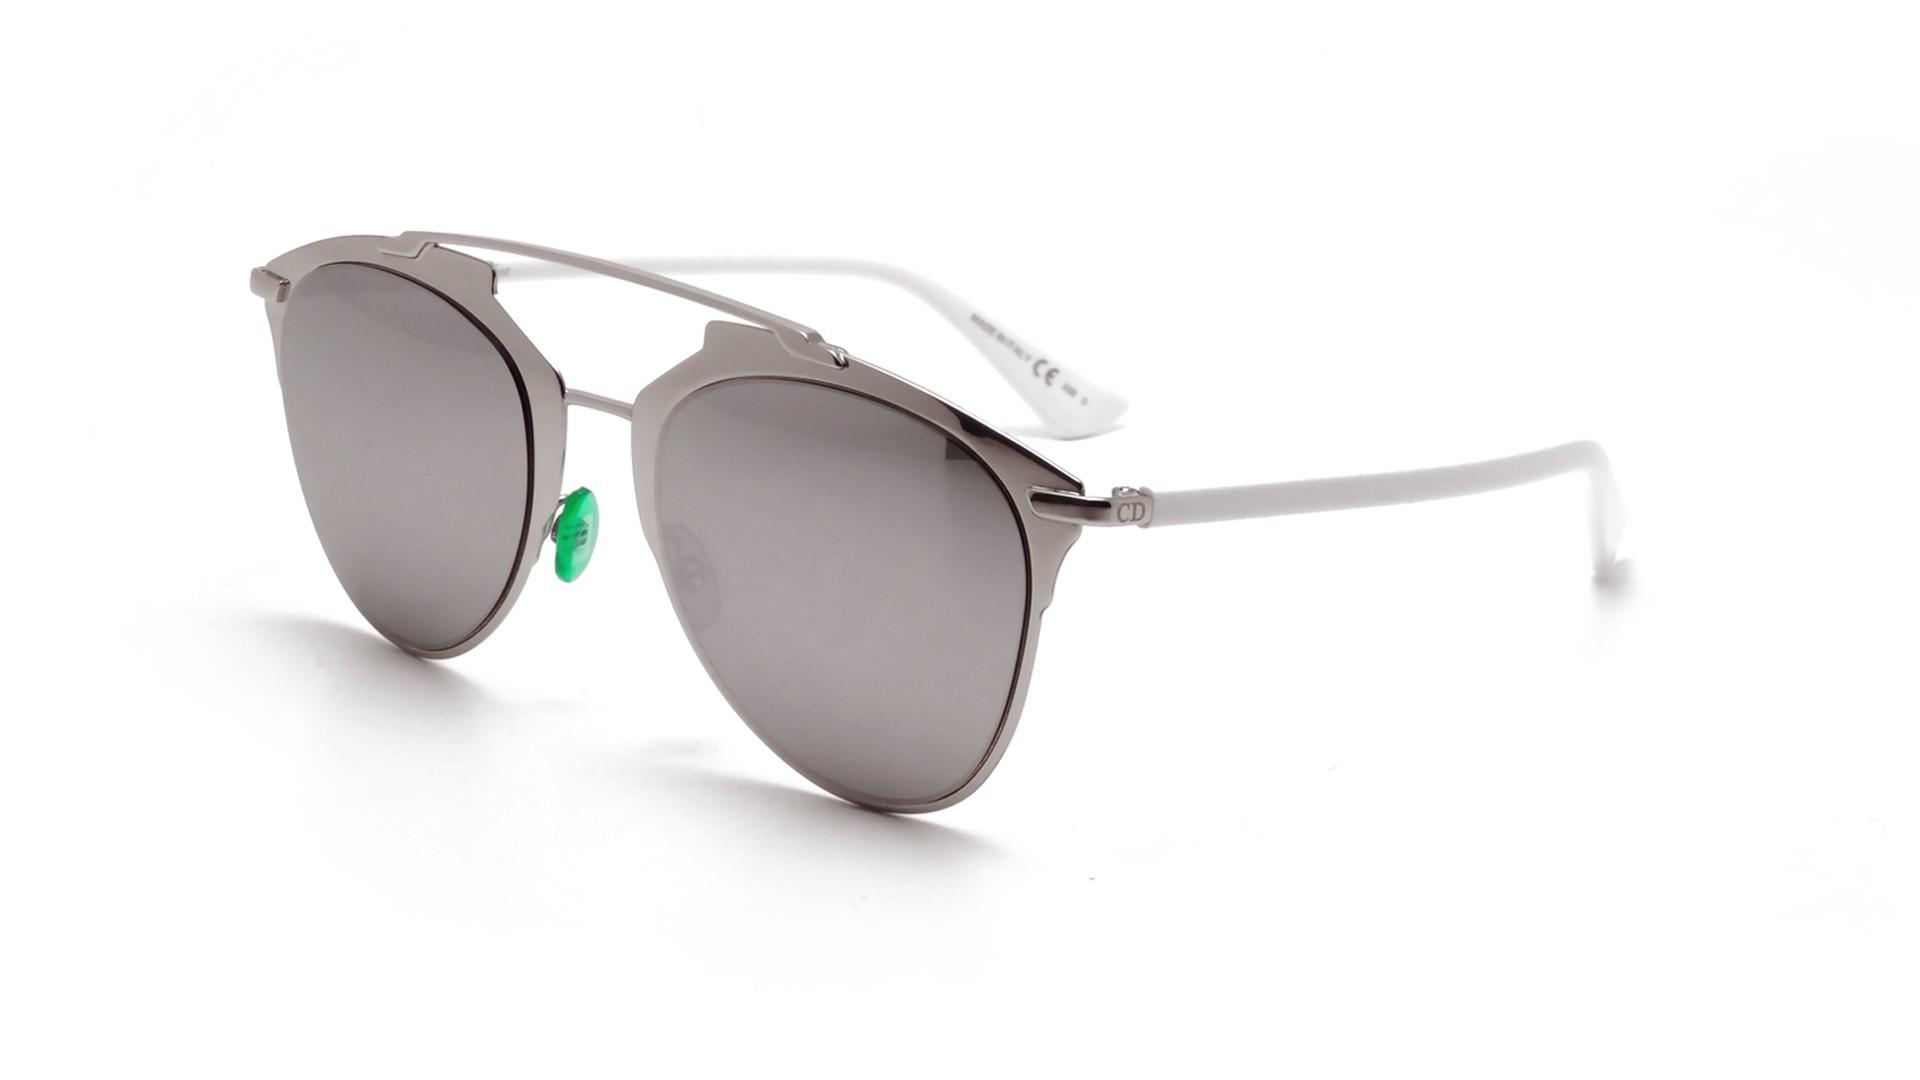 e3d6e5517022 Sunglasses Dior Reflected Silver 85L DC 52-21 Medium Mirror